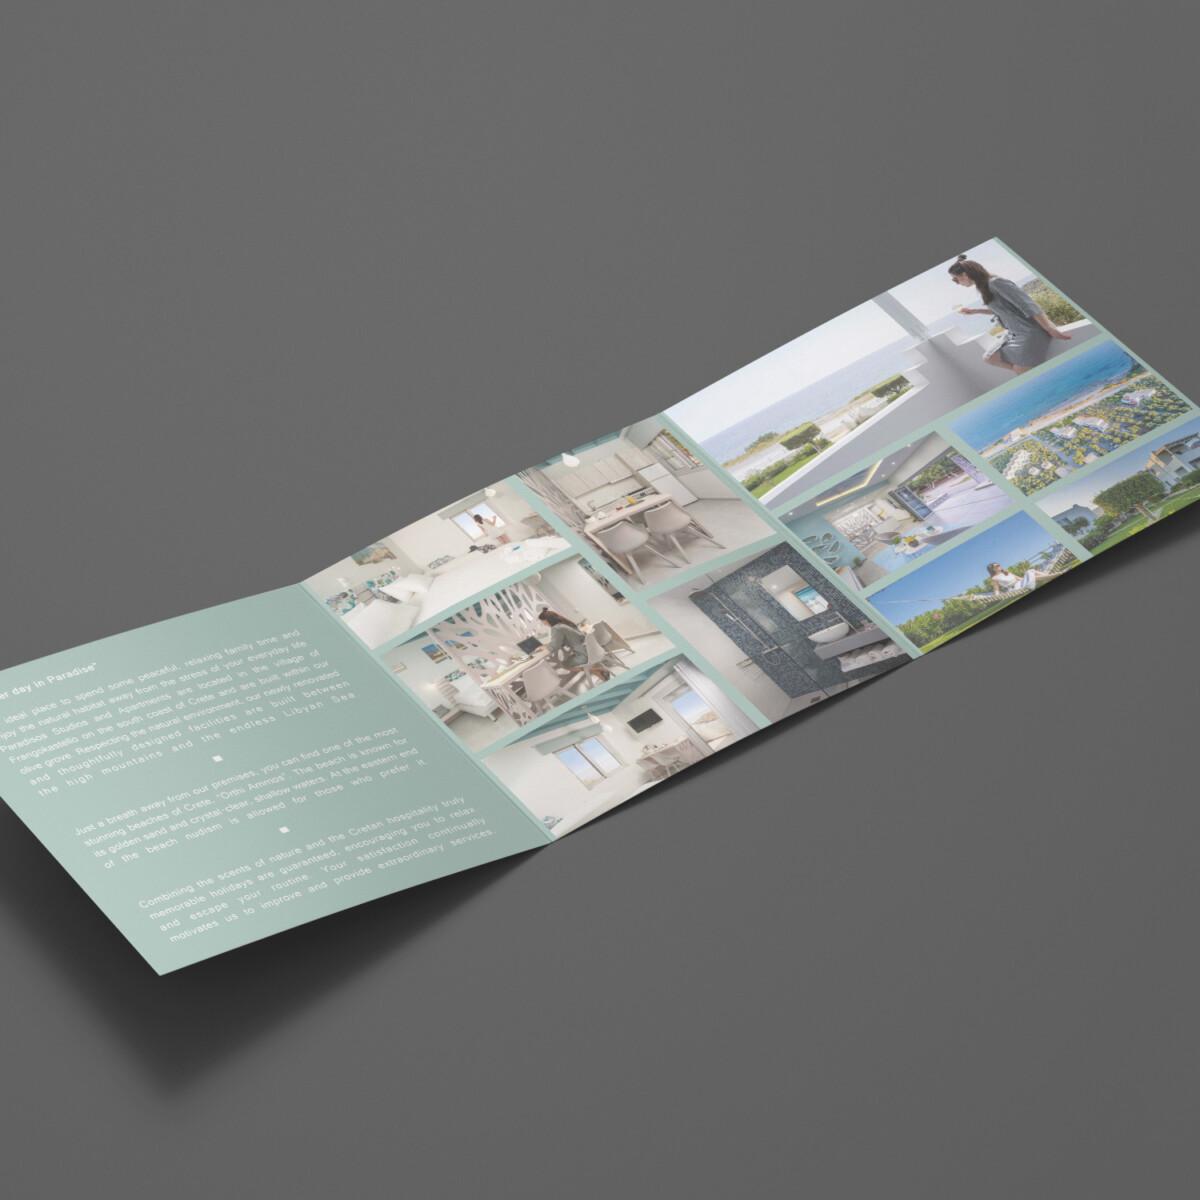 design-filadio-xania